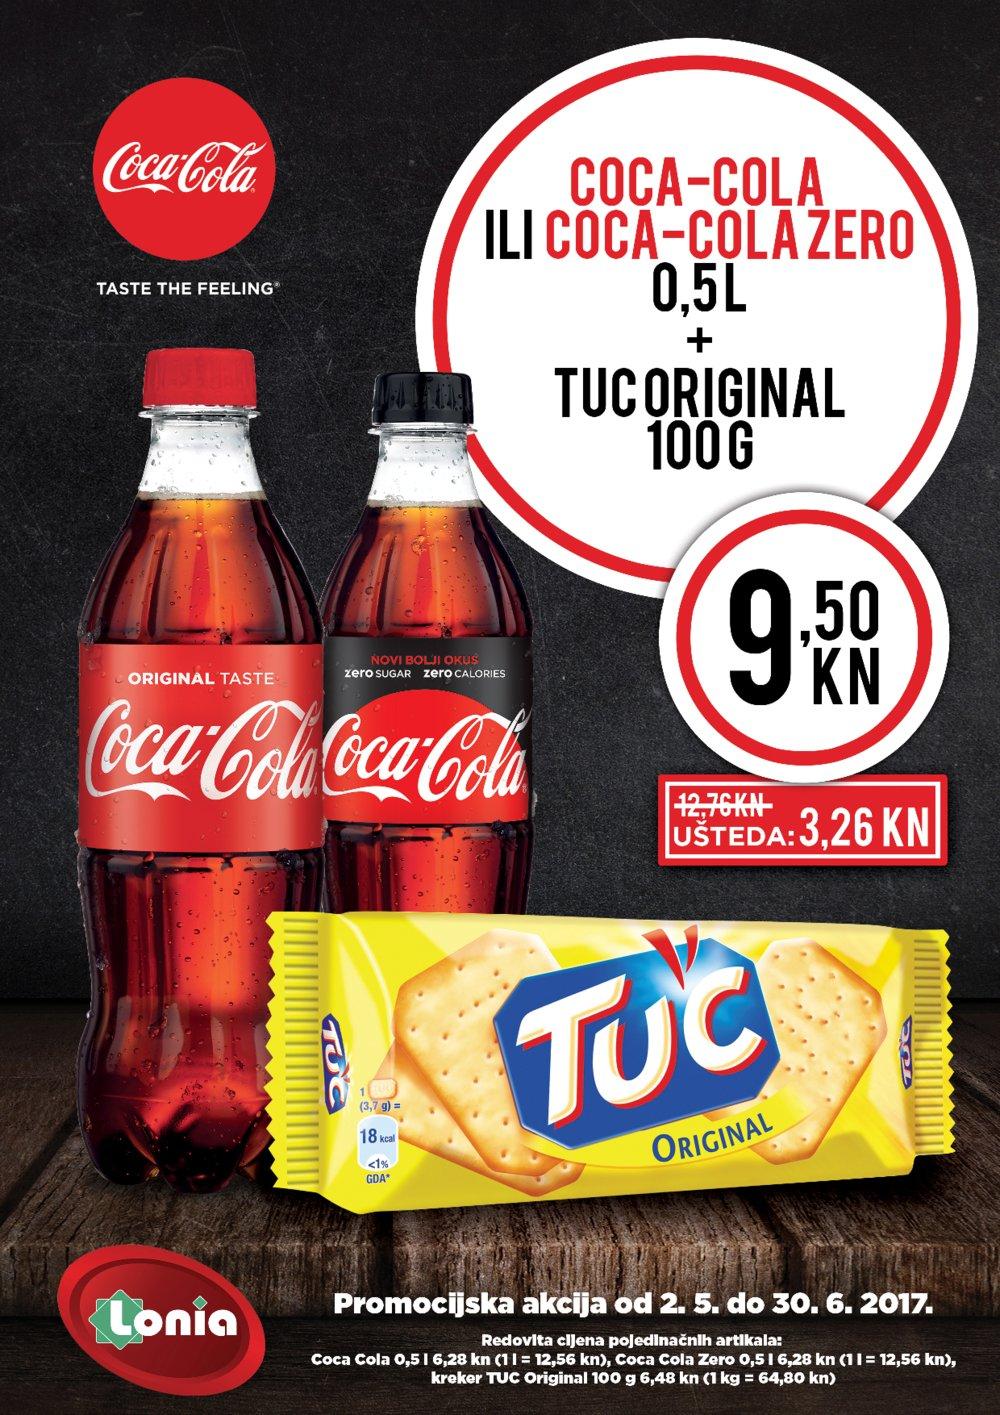 Lonia letak Promocijska akcija Coca-cola + tuc od 2.5. do 30.6.2017.